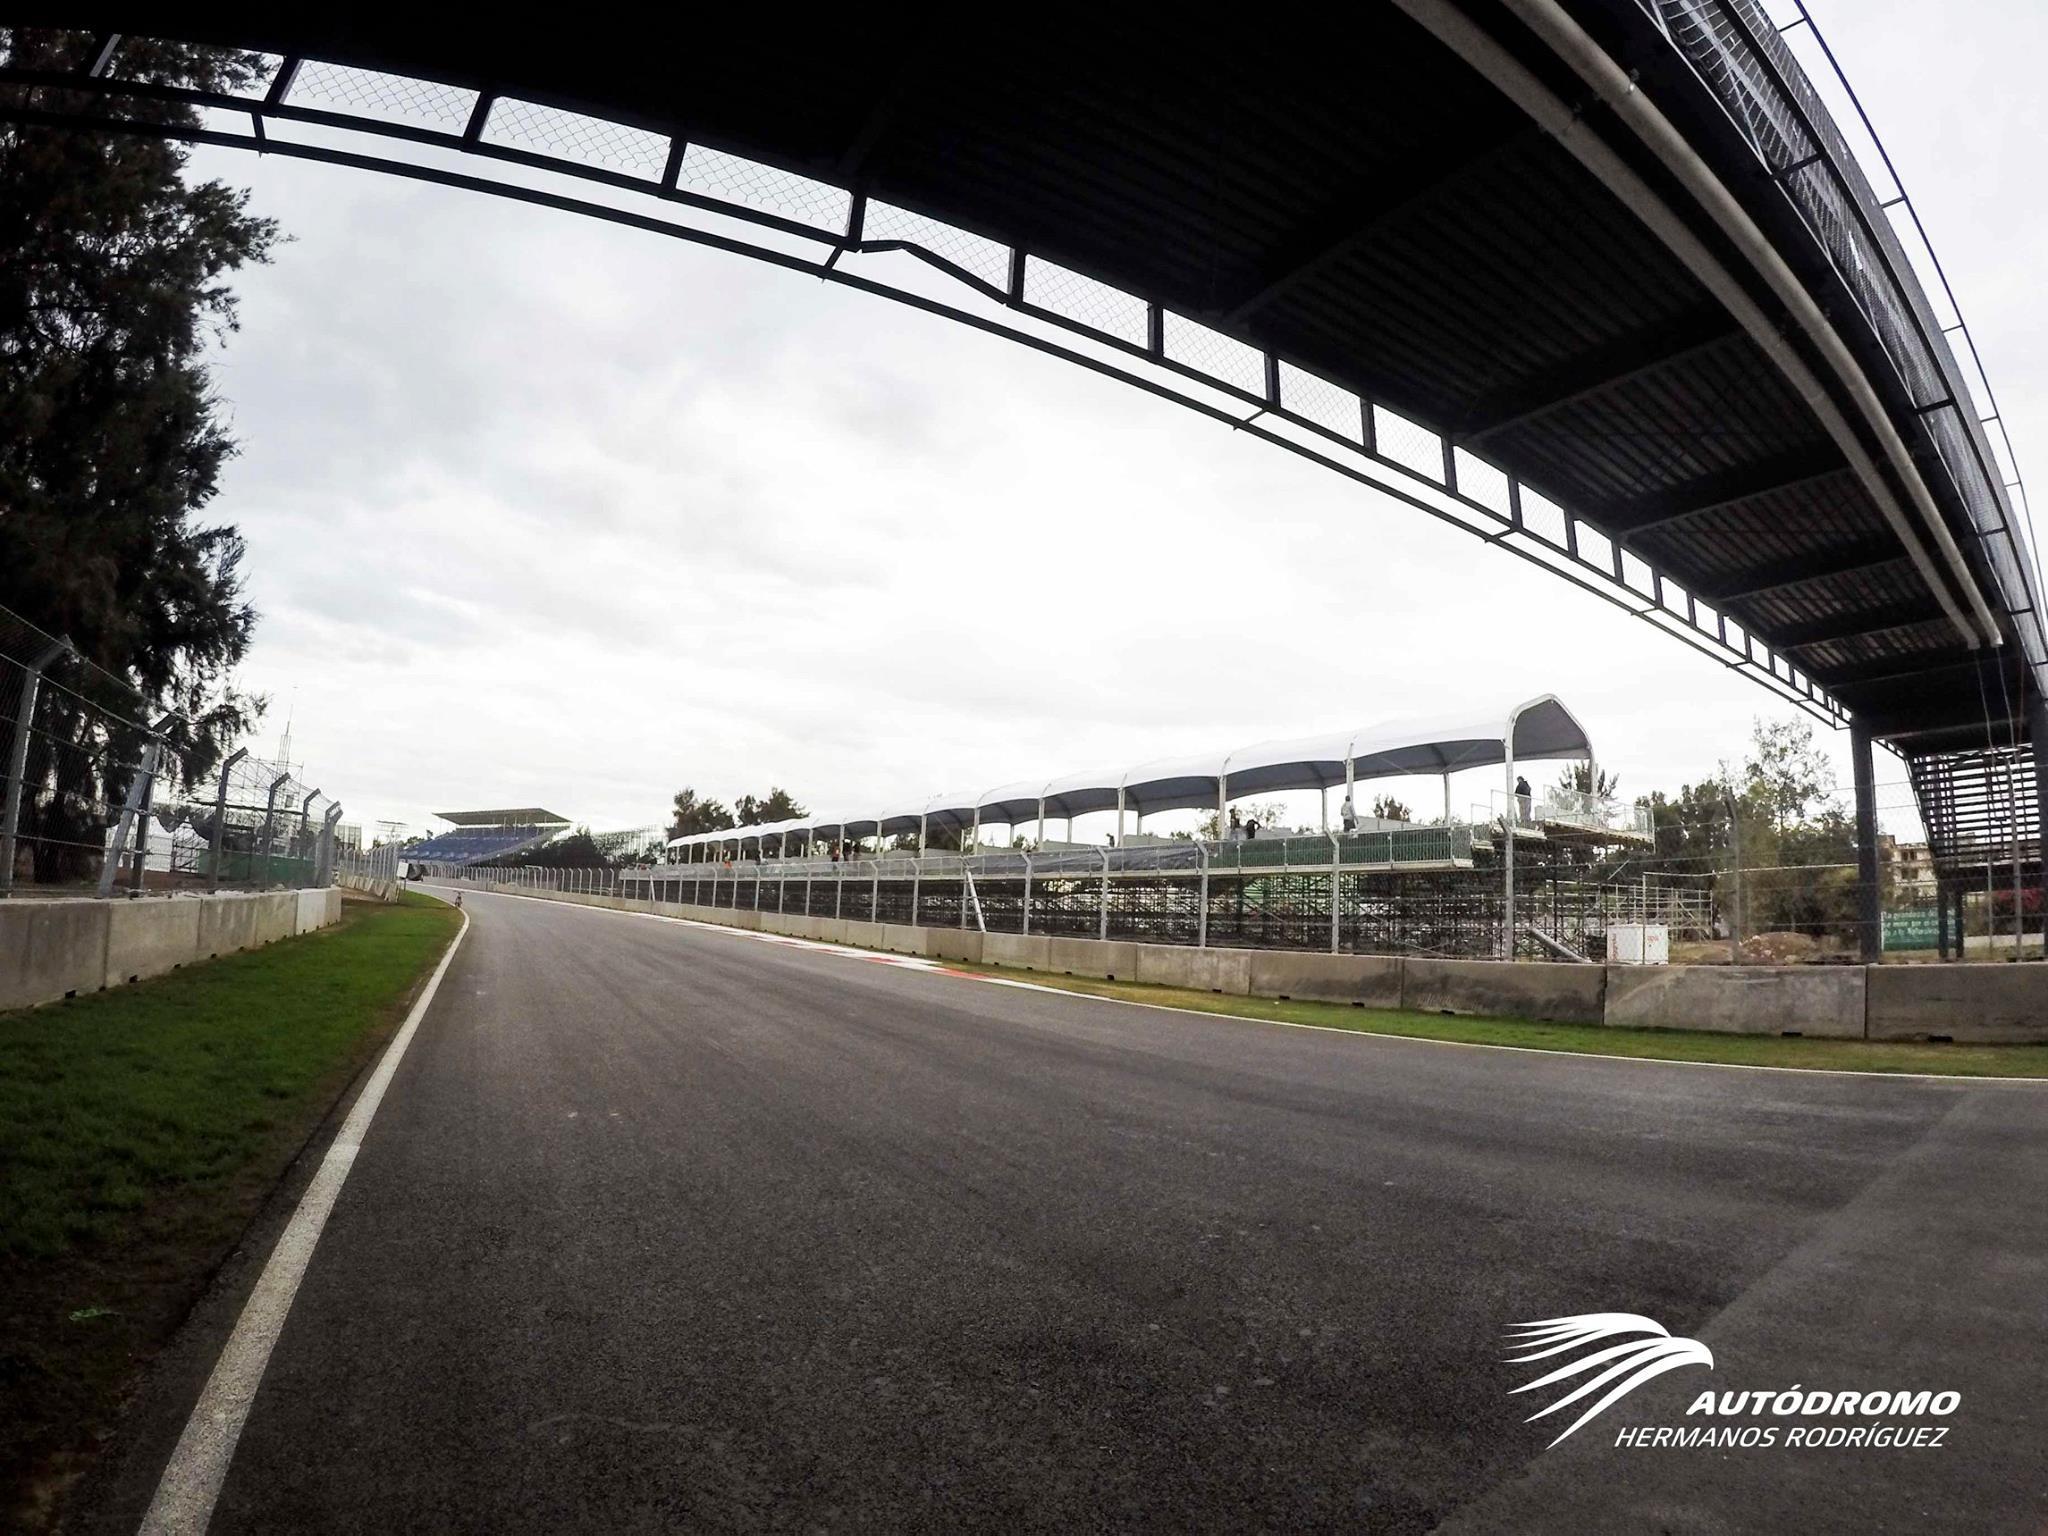 Egy újabb részlet a teljesen megújult mexikói F1-es versenypályáról